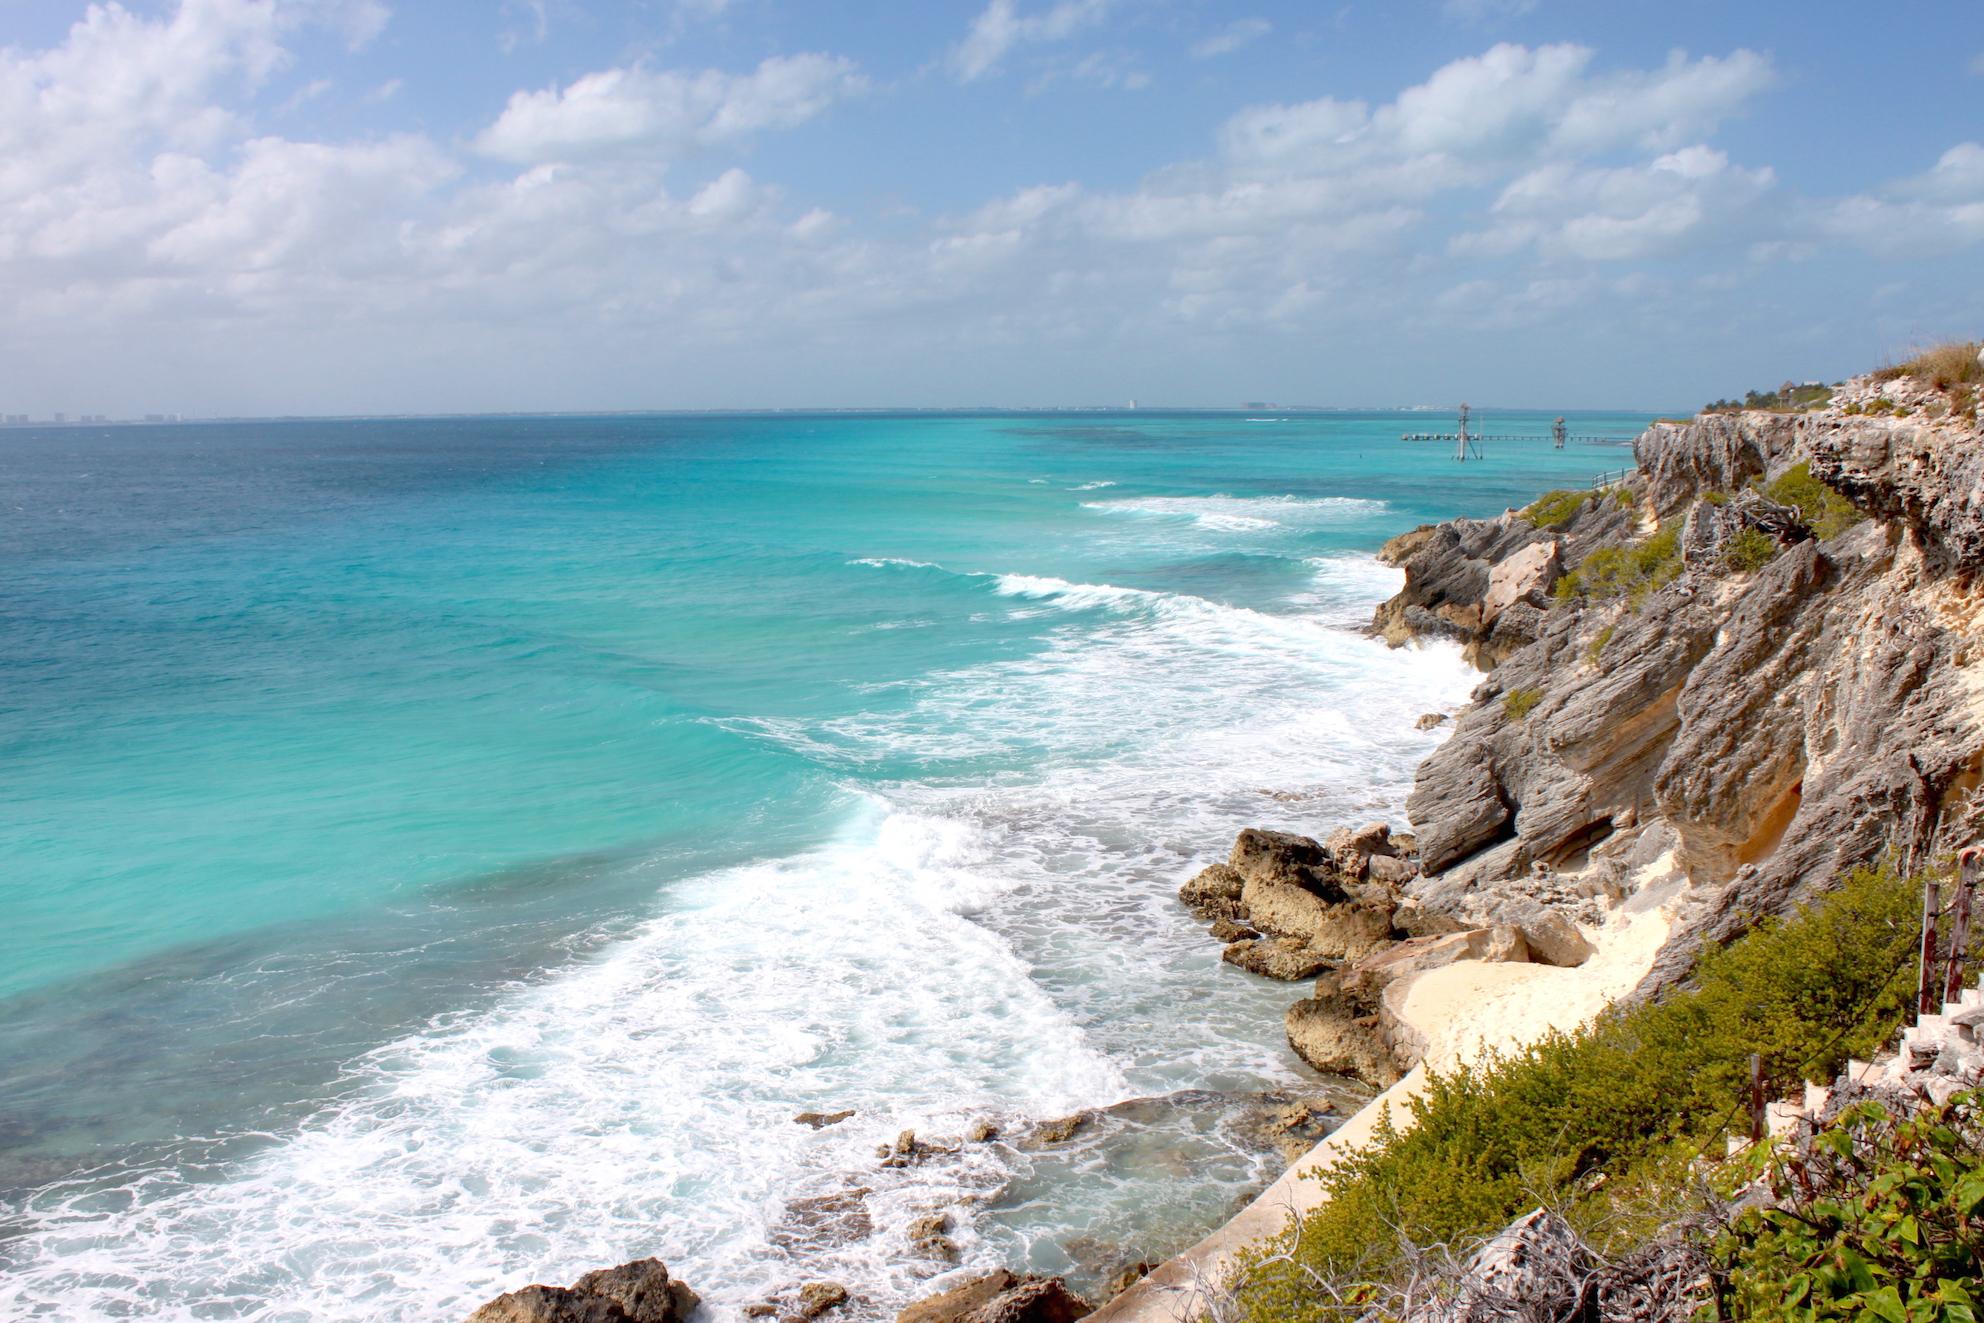 Itinerario di due settimane in Messico - Isla Mujeres7